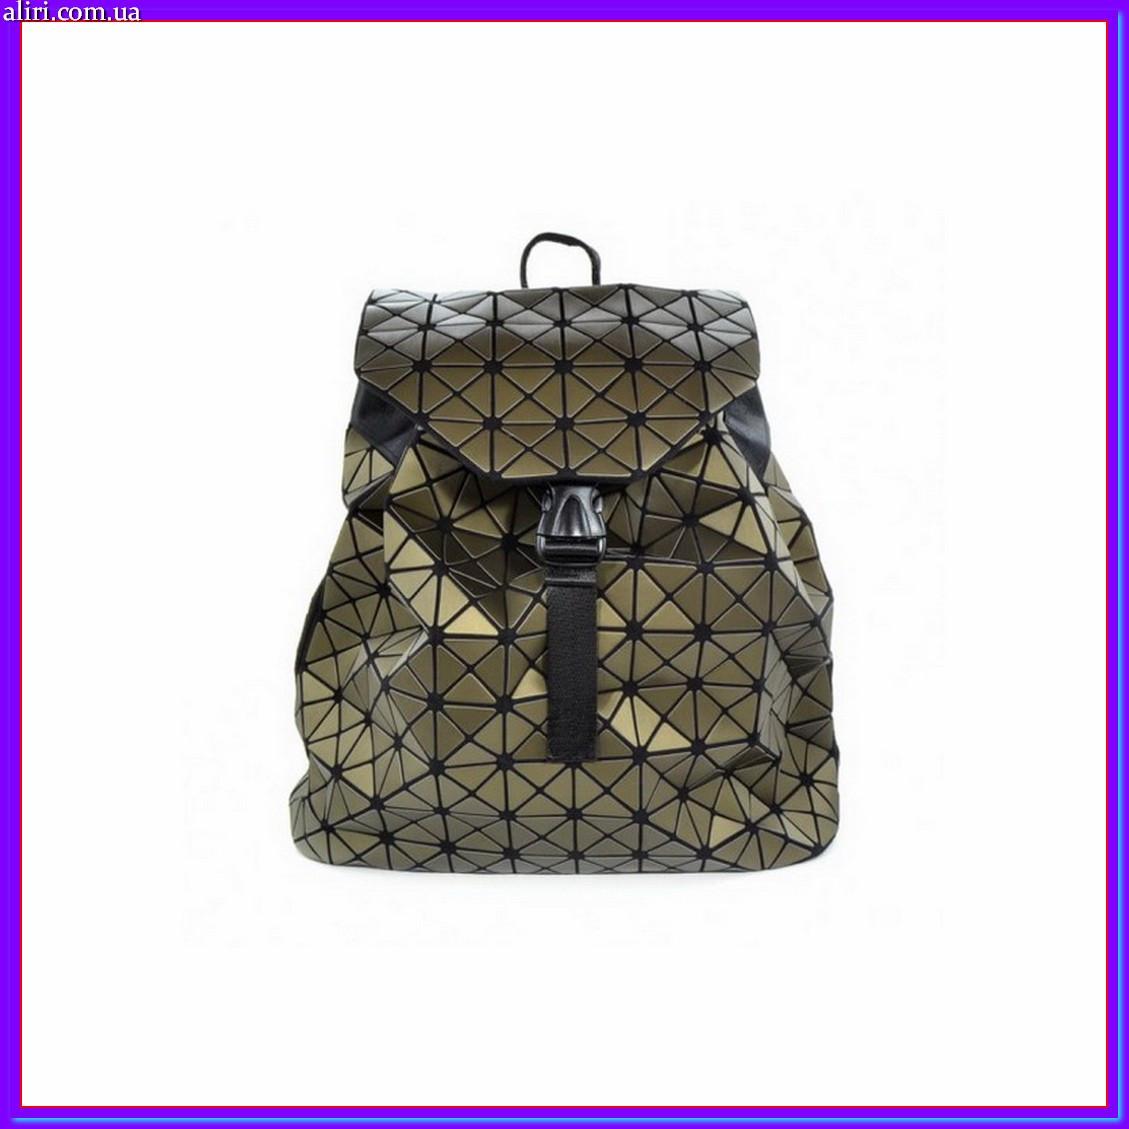 Стильный рюкзак городской женский мини бронза